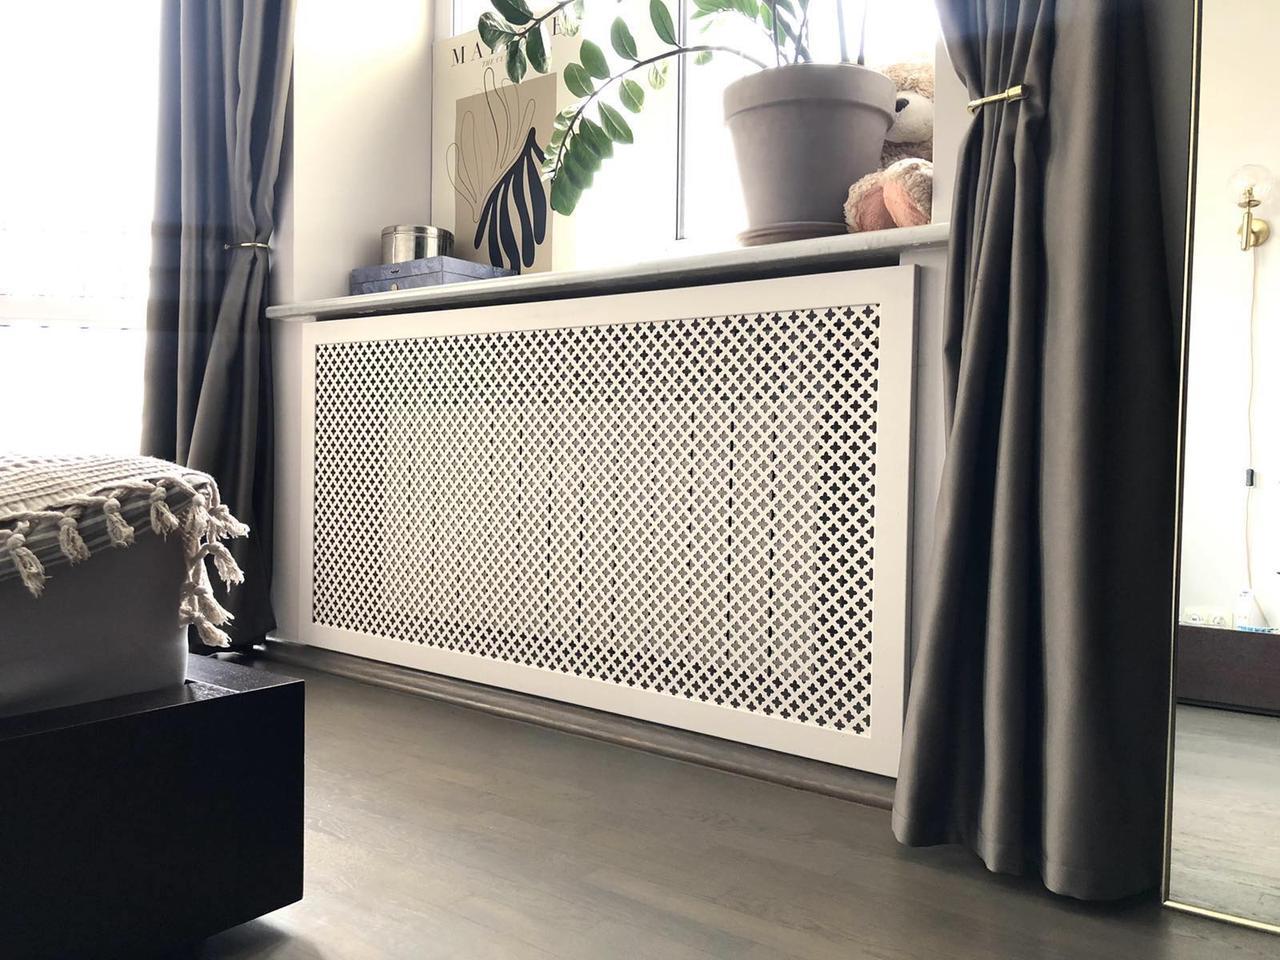 Решетка на батарею отопления по индивидуальным размерам | Экран для батареи, цвет белый Роял, Белый